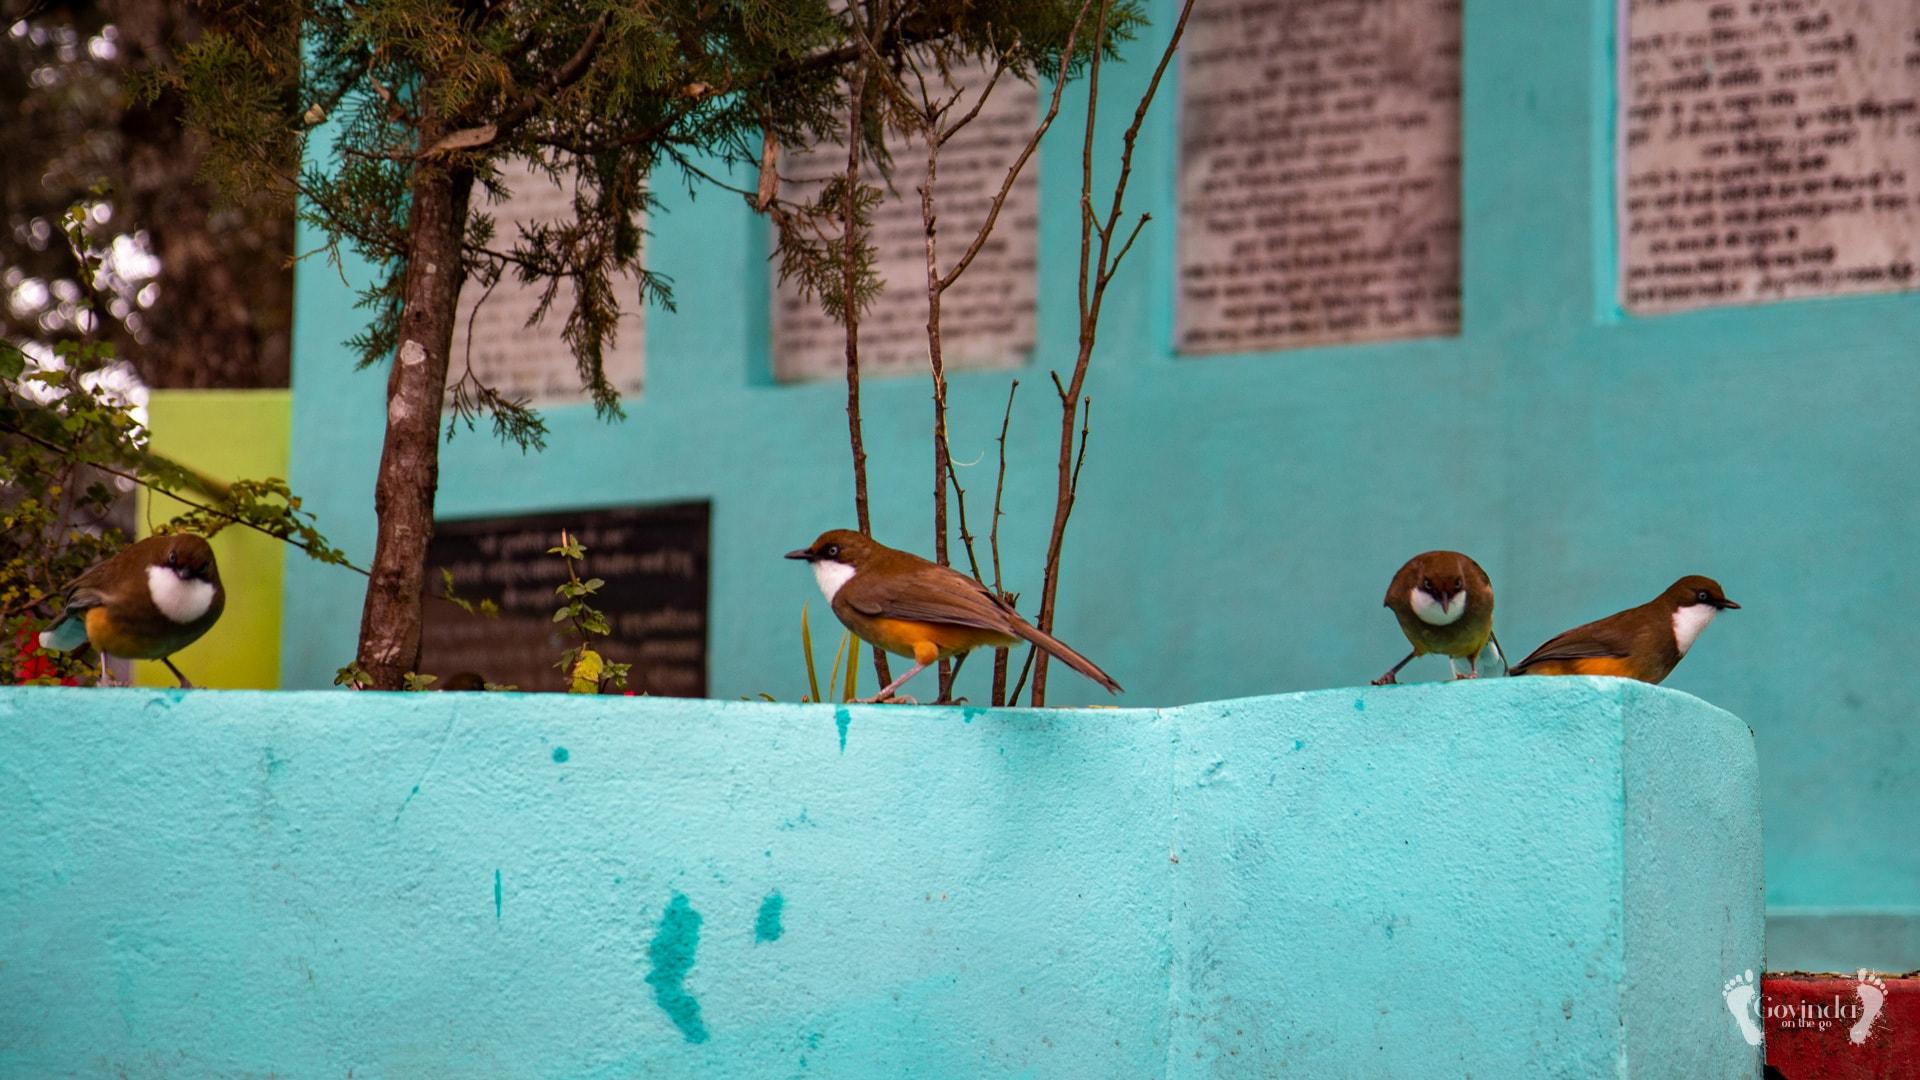 Birds at Shakti Peetha in Dunagiri